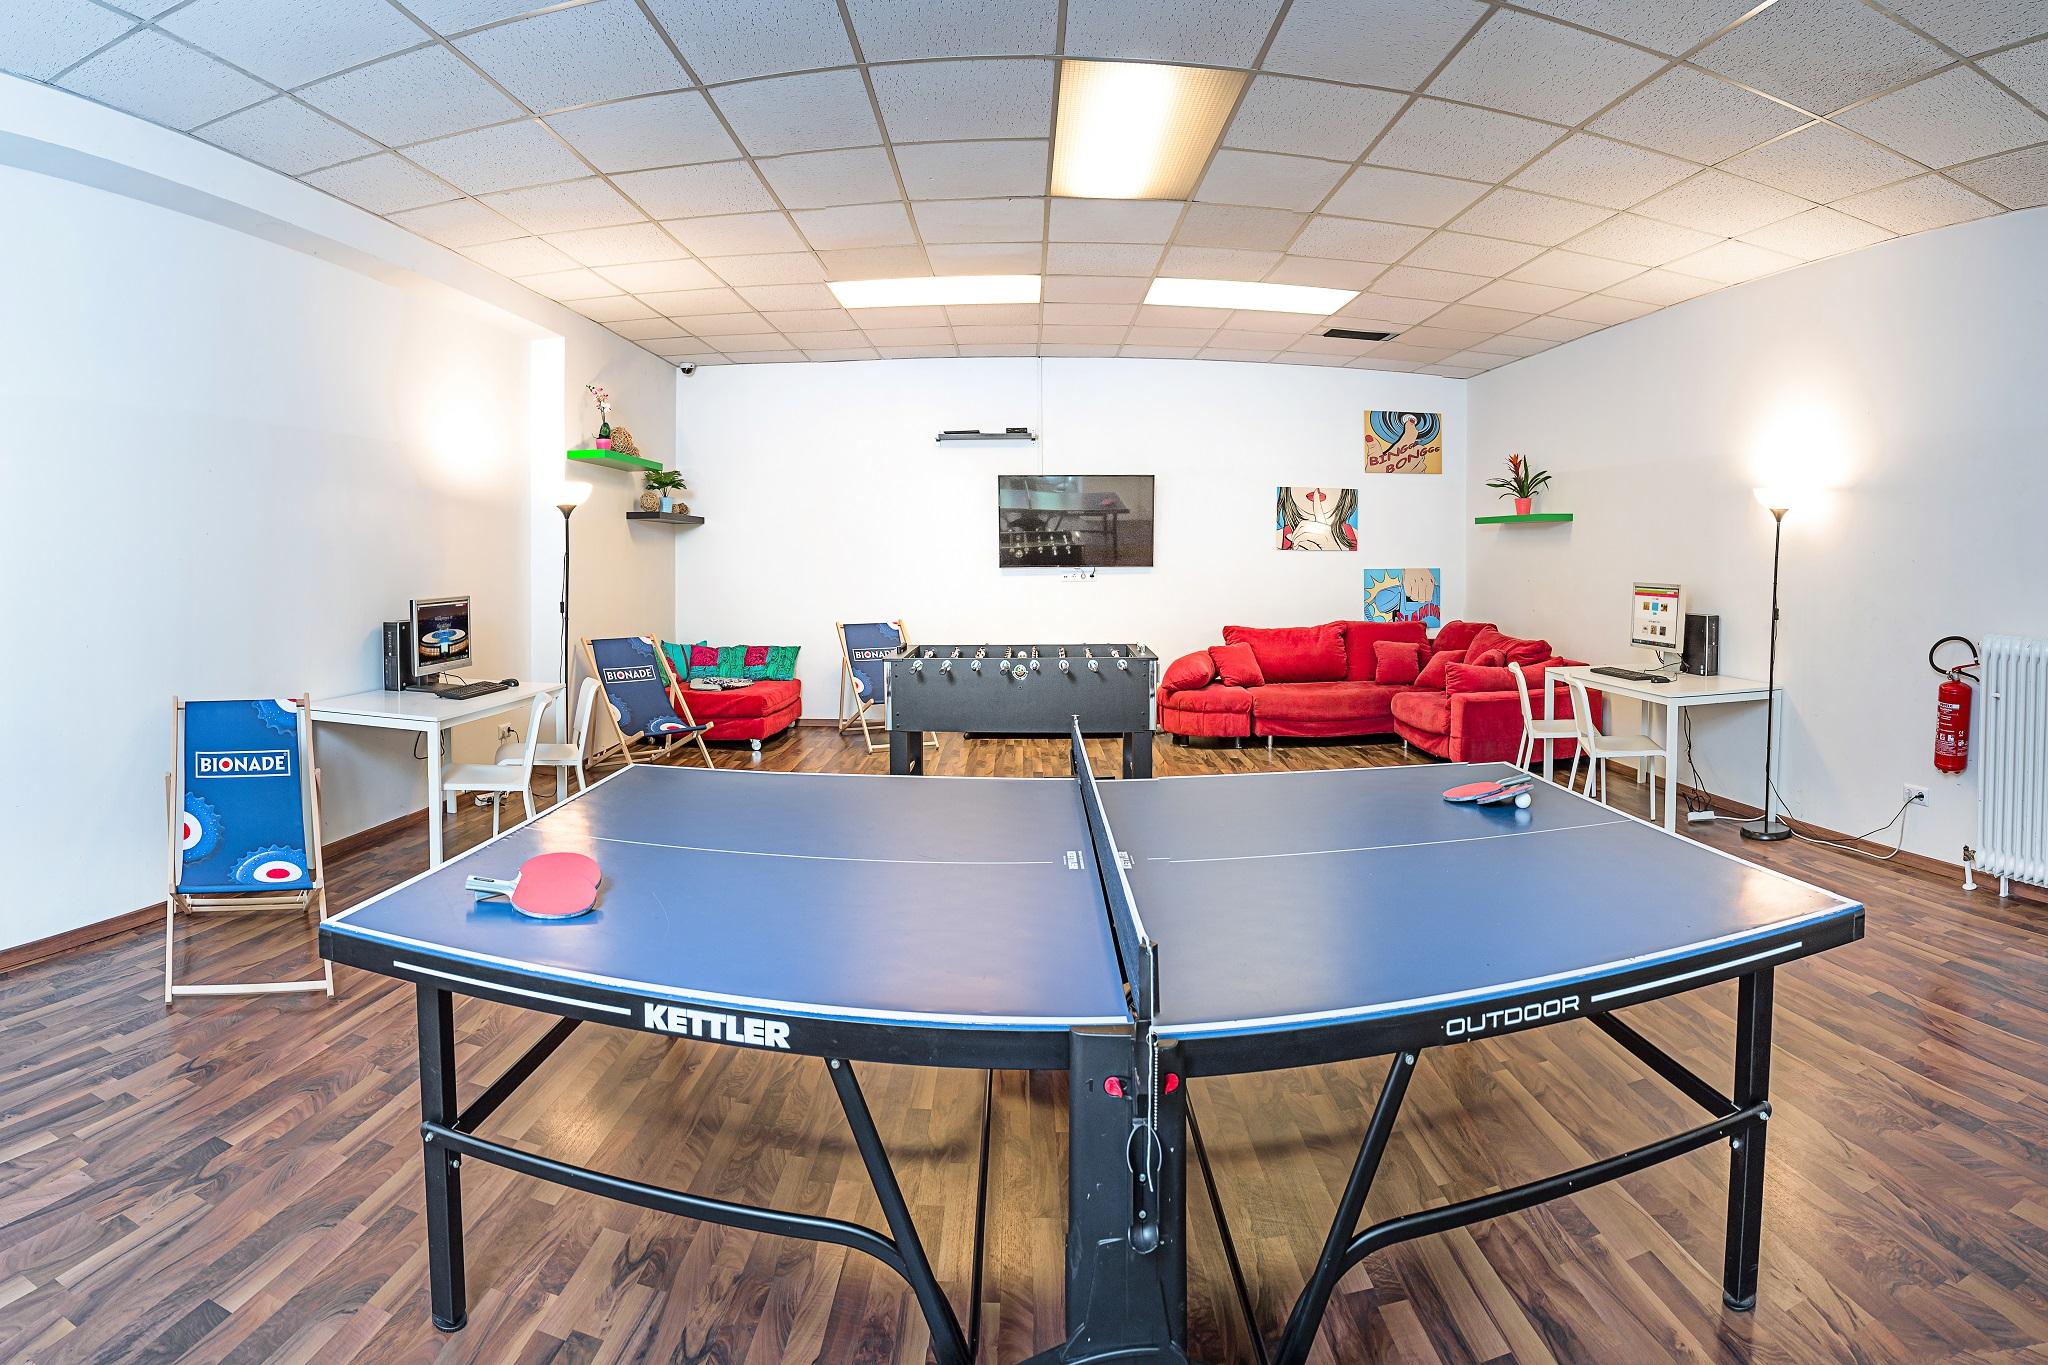 - 53 Zimmer - Frühstücksrestaurant - Sky-Bar - Kiosk  - Freizeitraum mit Tischkicker   - Tischtennis  - TV mit Blue-ray und Wii-Play  etc.